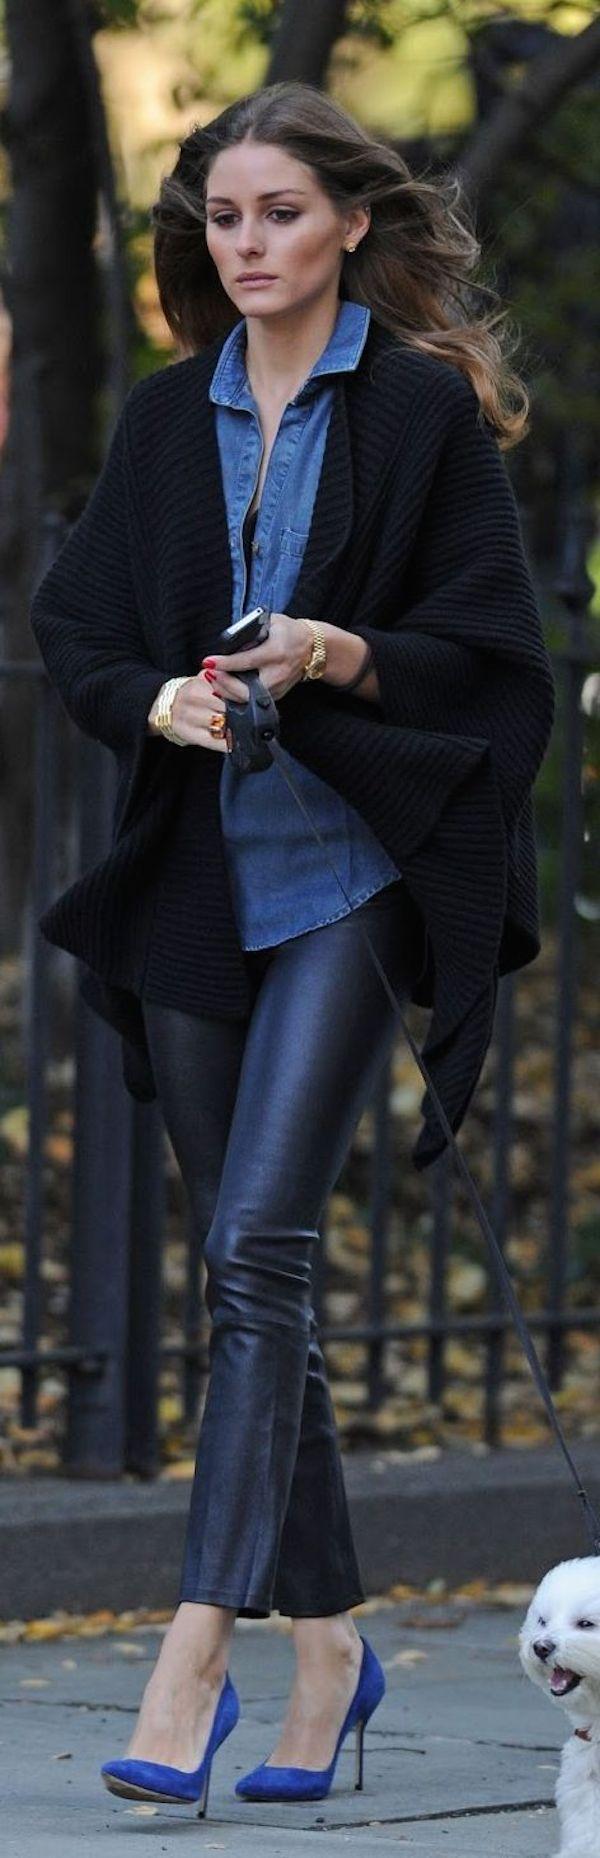 Юлия в кожаных штанах фото 13 фотография